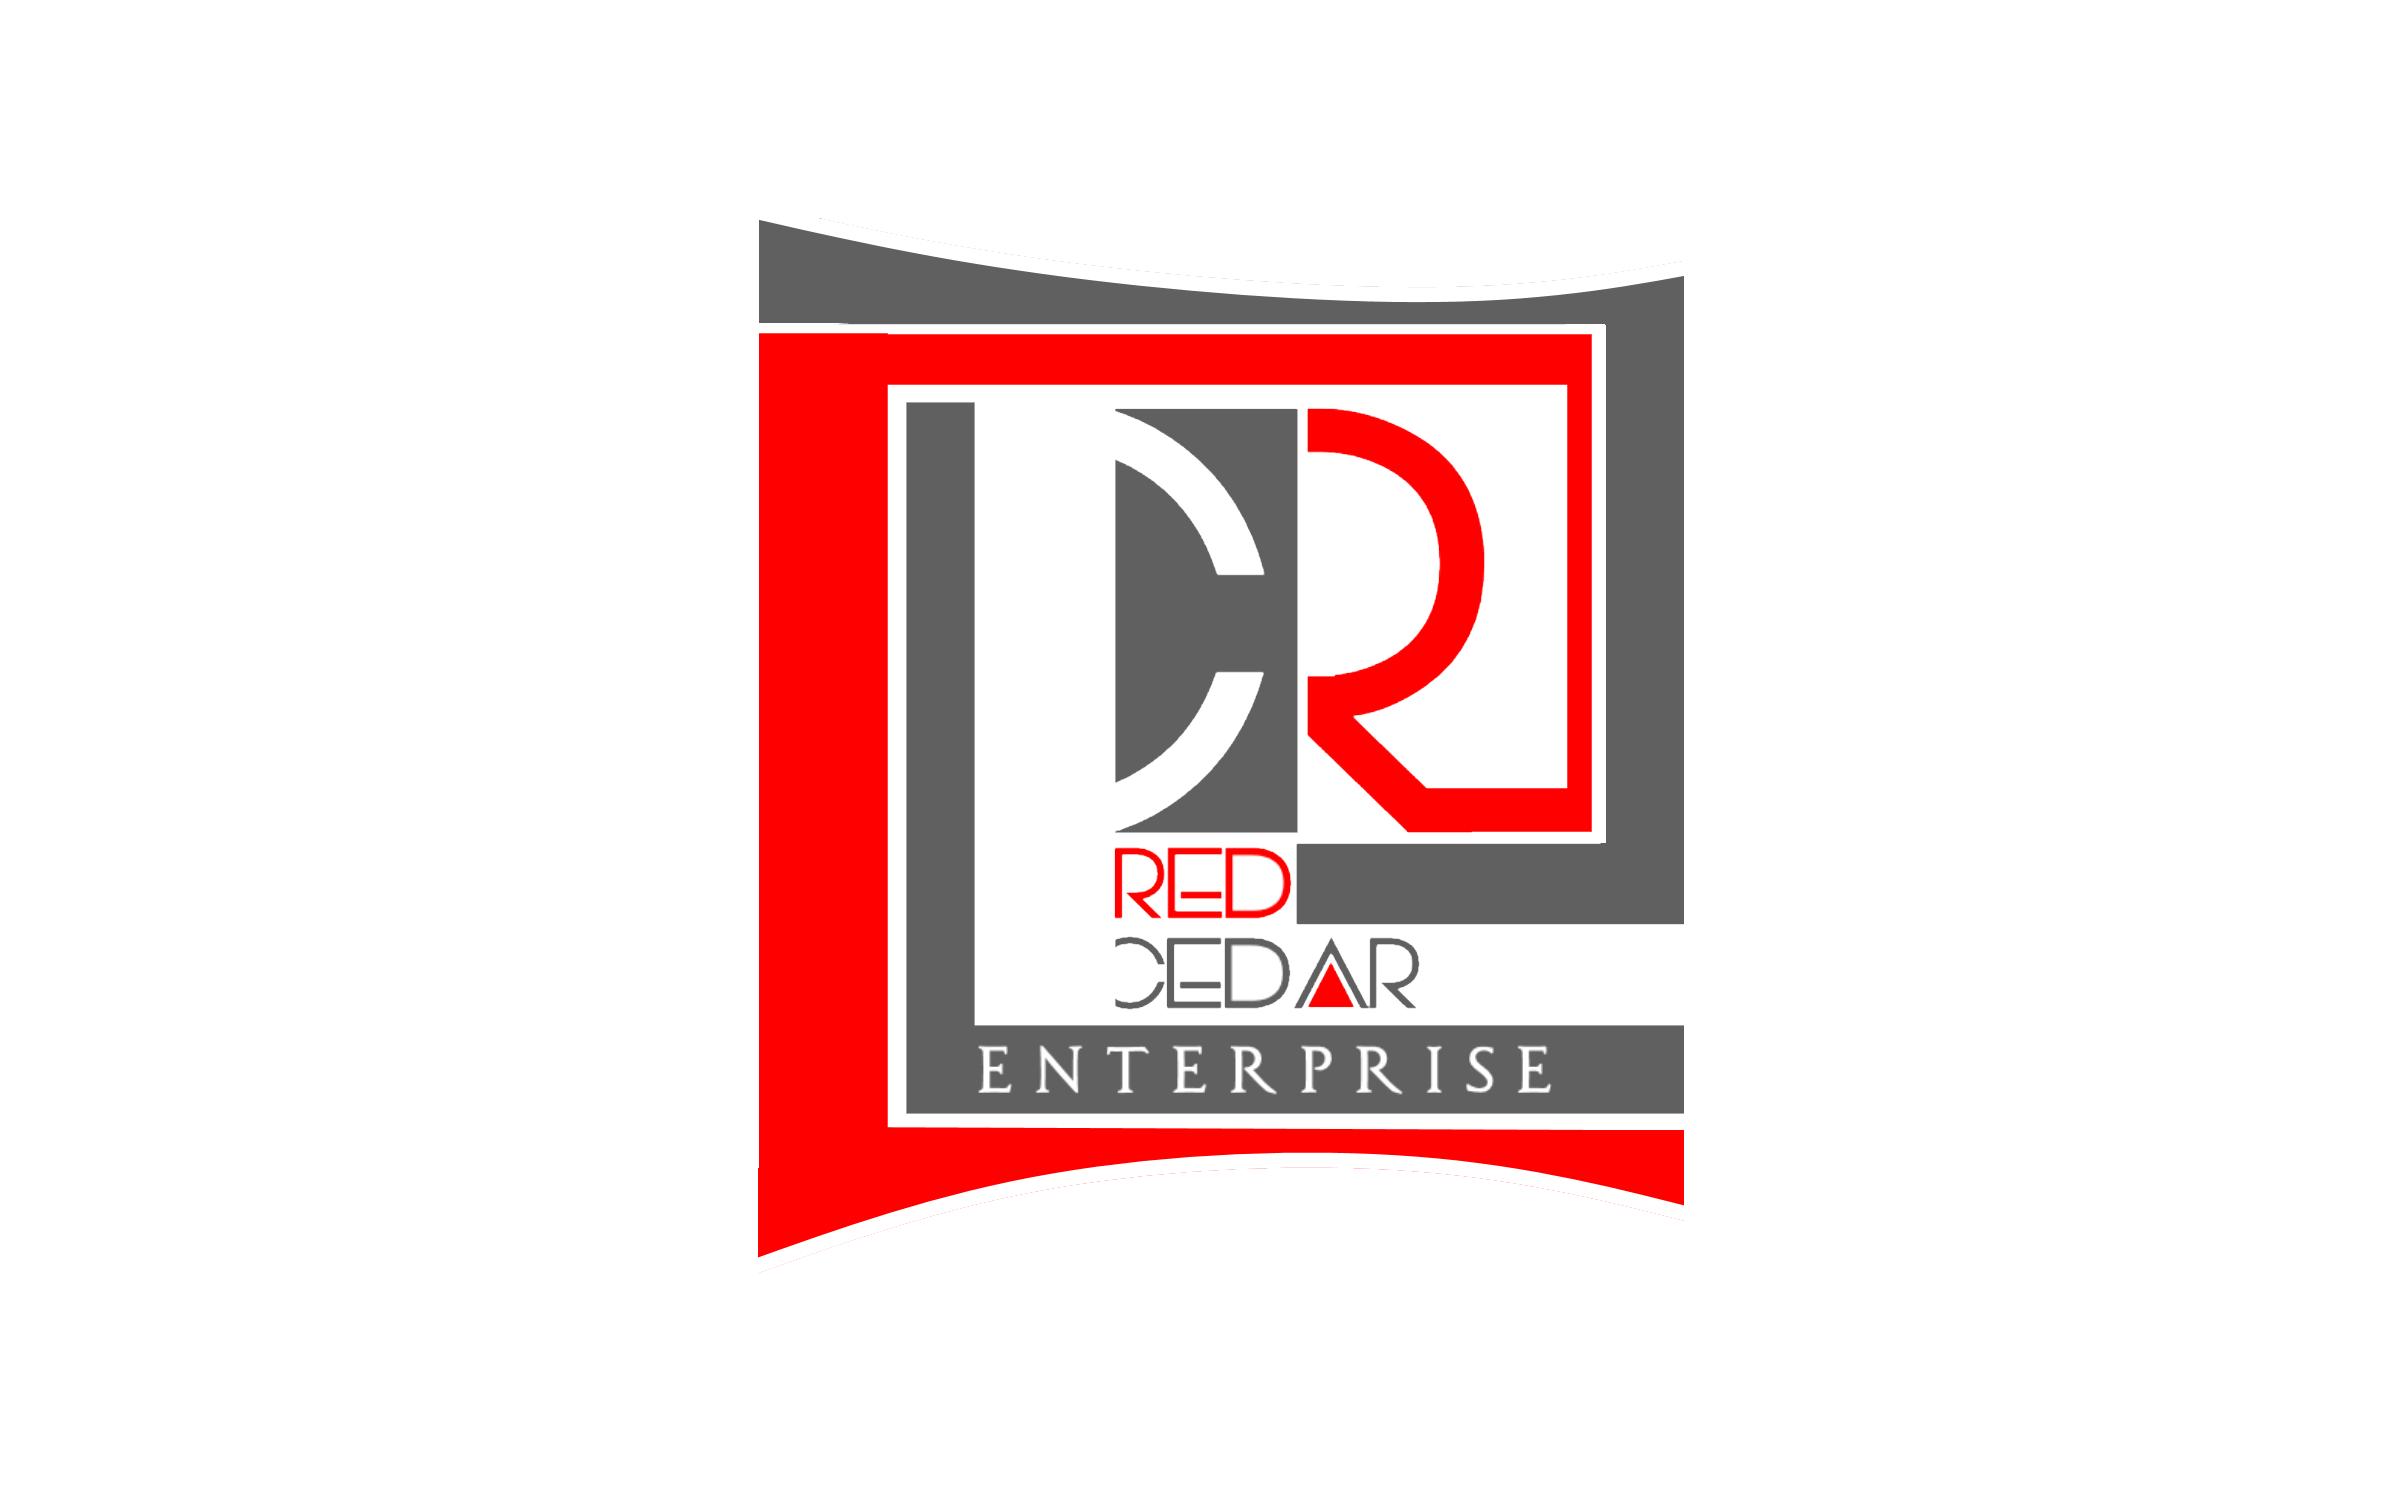 Logo Design by Roberto Bassi - Entry No. 136 in the Logo Design Contest Unique Logo Design Wanted for Red Cedar Enterprise.